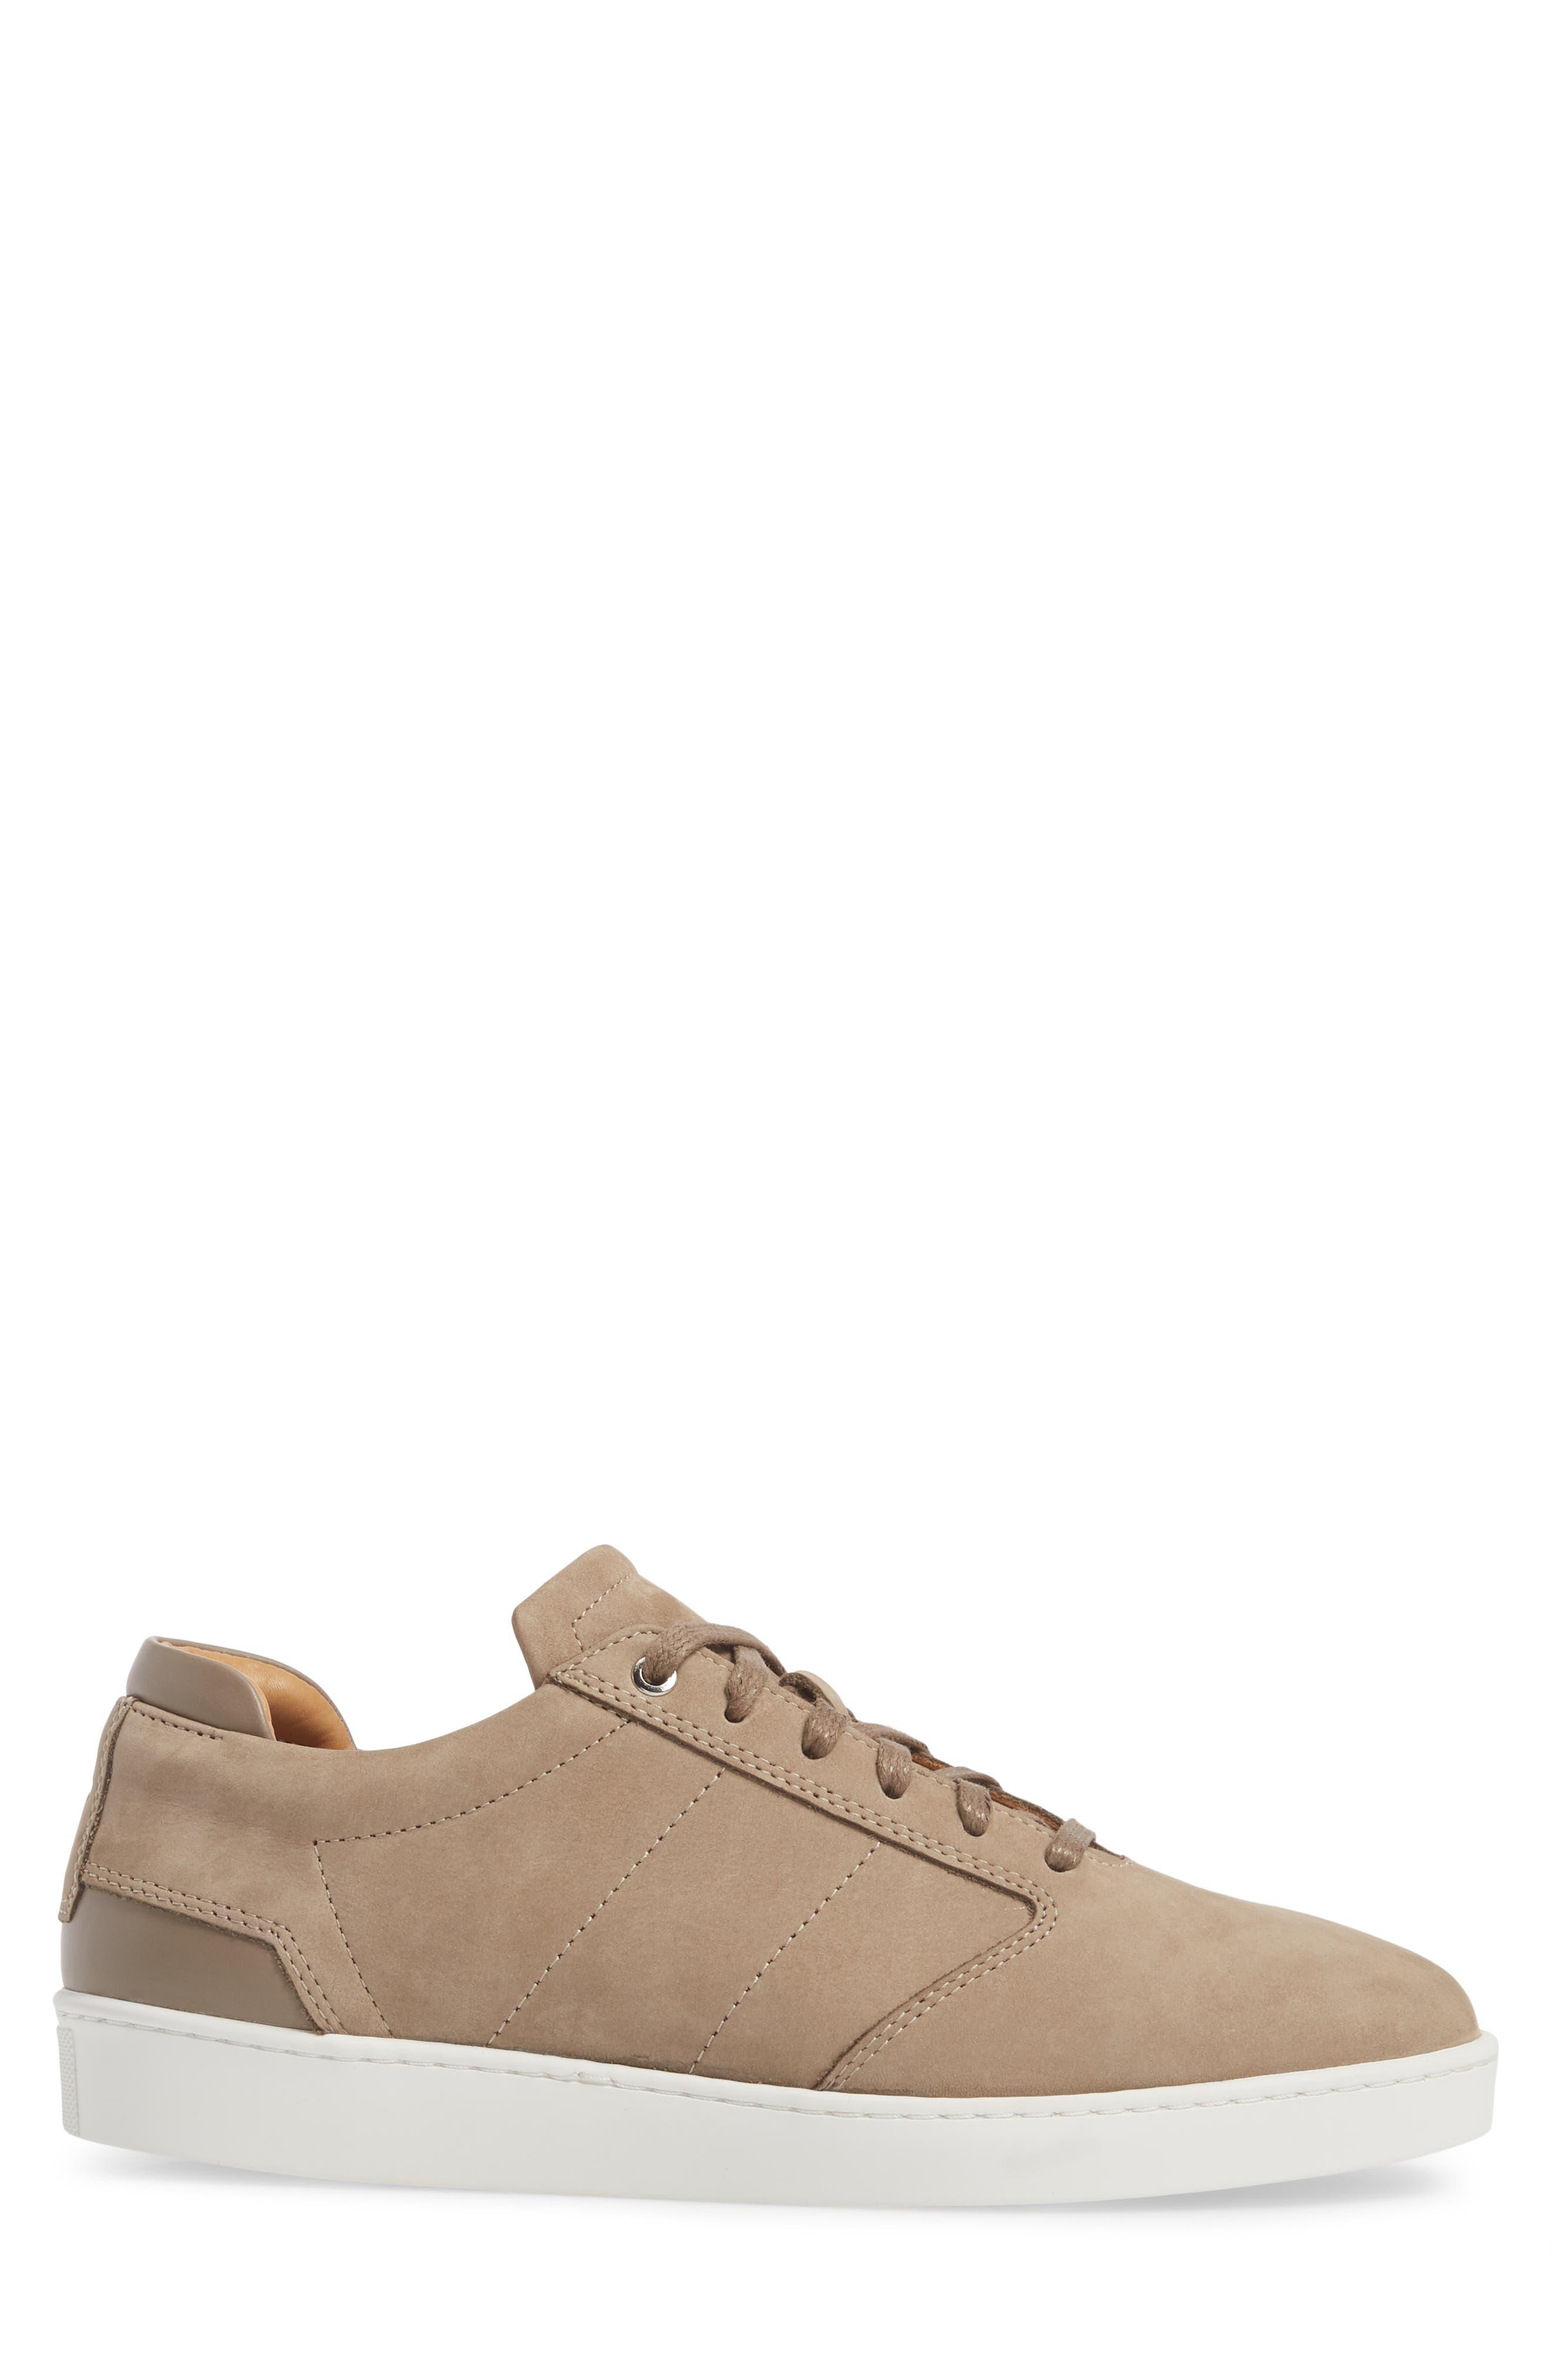 Lennon Sneaker,                             Alternate thumbnail 3, color,                             Woodsmoke/ Mushroom